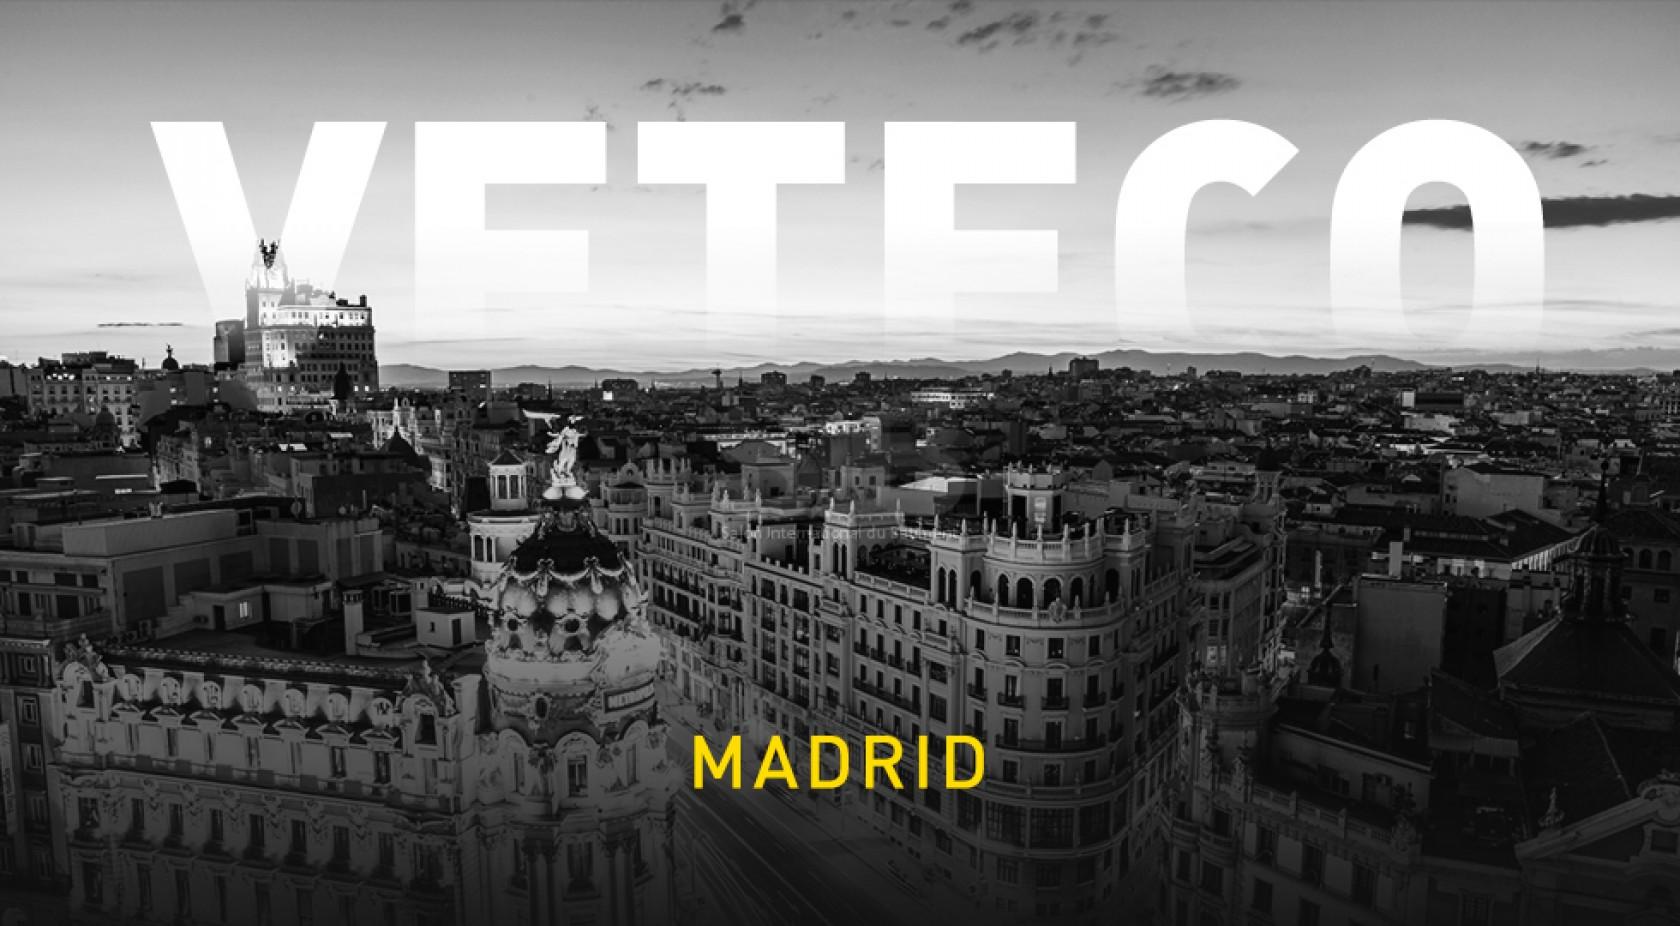 Emmegi Veteco Madrid